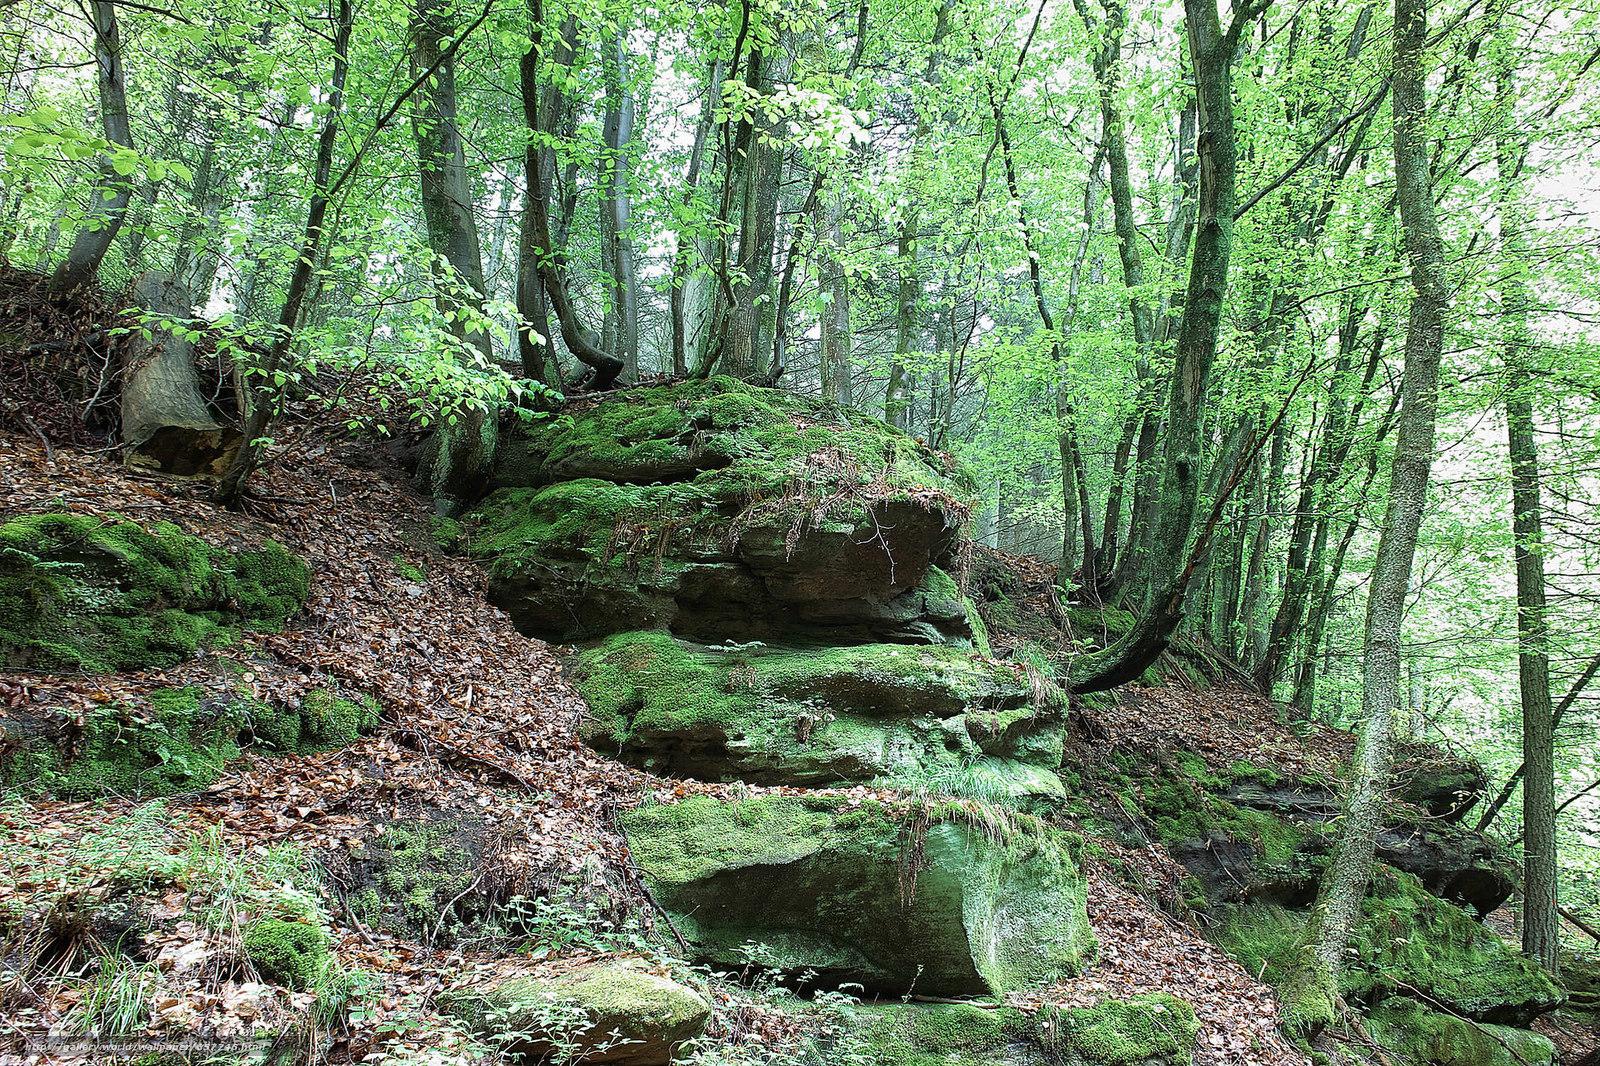 壁紙をダウンロード 森,  木,  石,  自然 デスクトップの解像度のための無料壁紙 2048x1365 — 絵 №657746